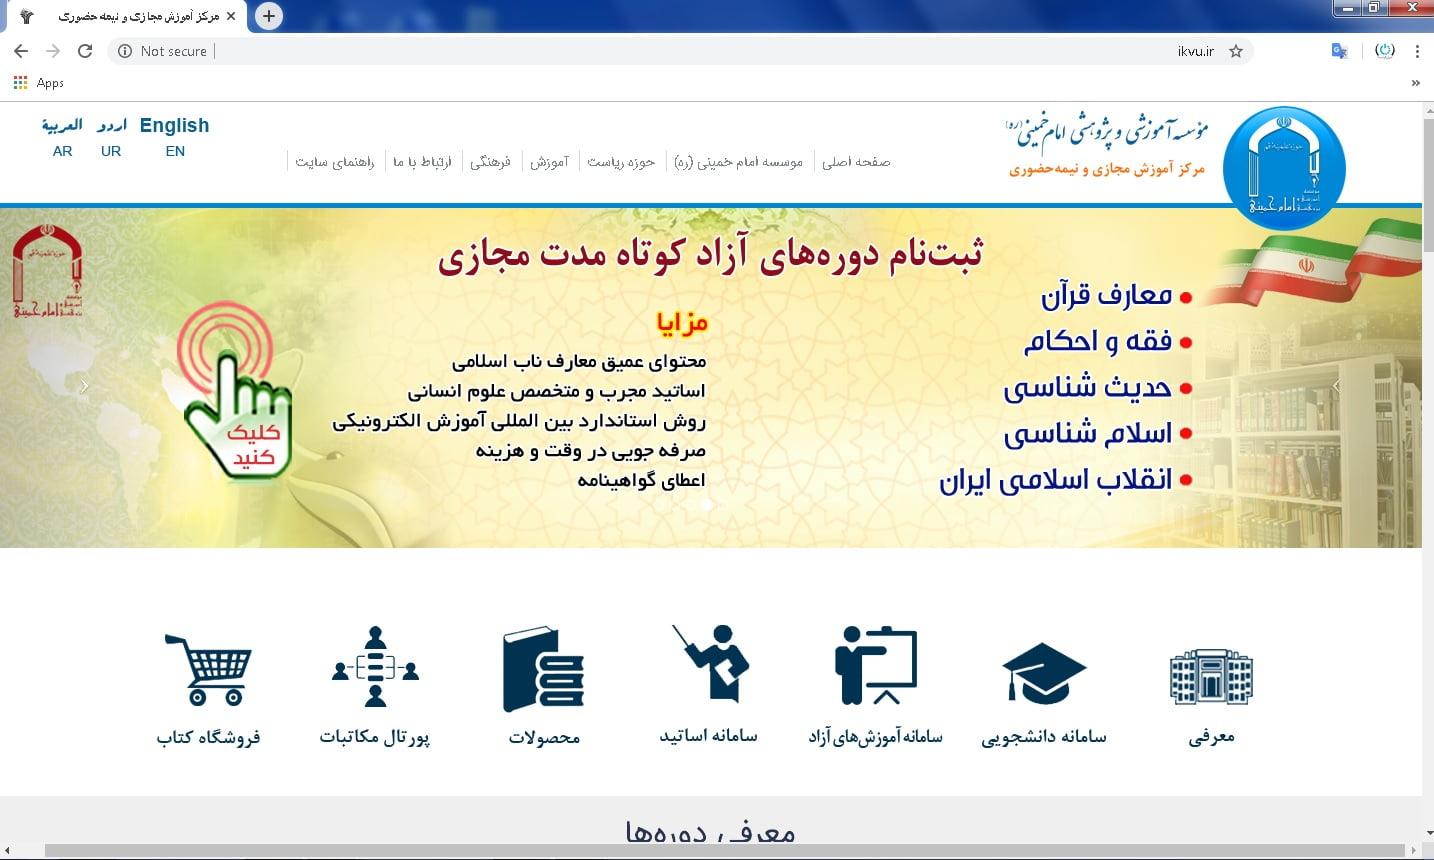 ده سایت و دانشگاه آموزش مجازی برتر در ایران را بهتر بشناسید